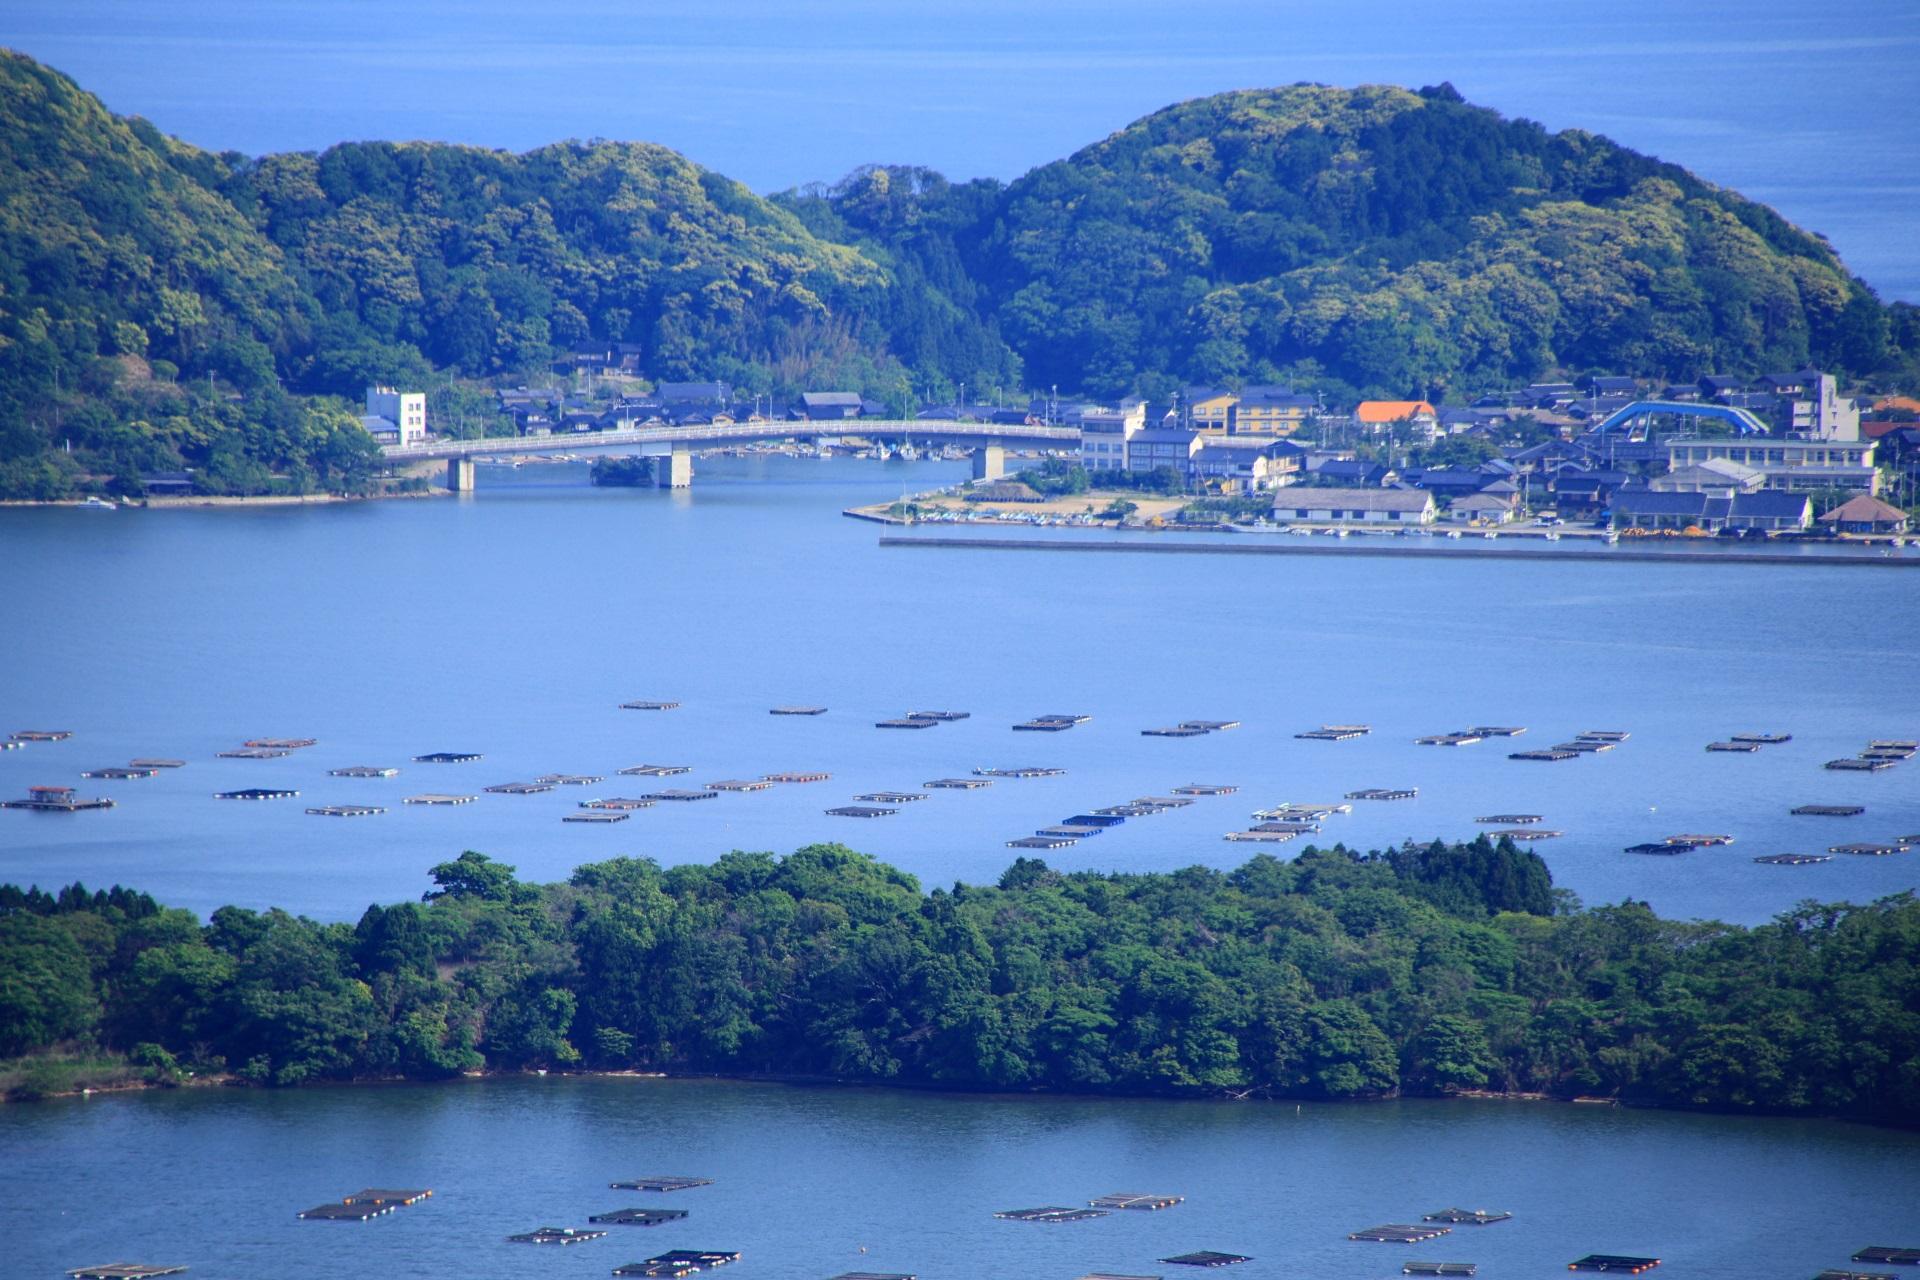 日本海と久美浜湾の間に架かる小天橋(しょうてんきょう)